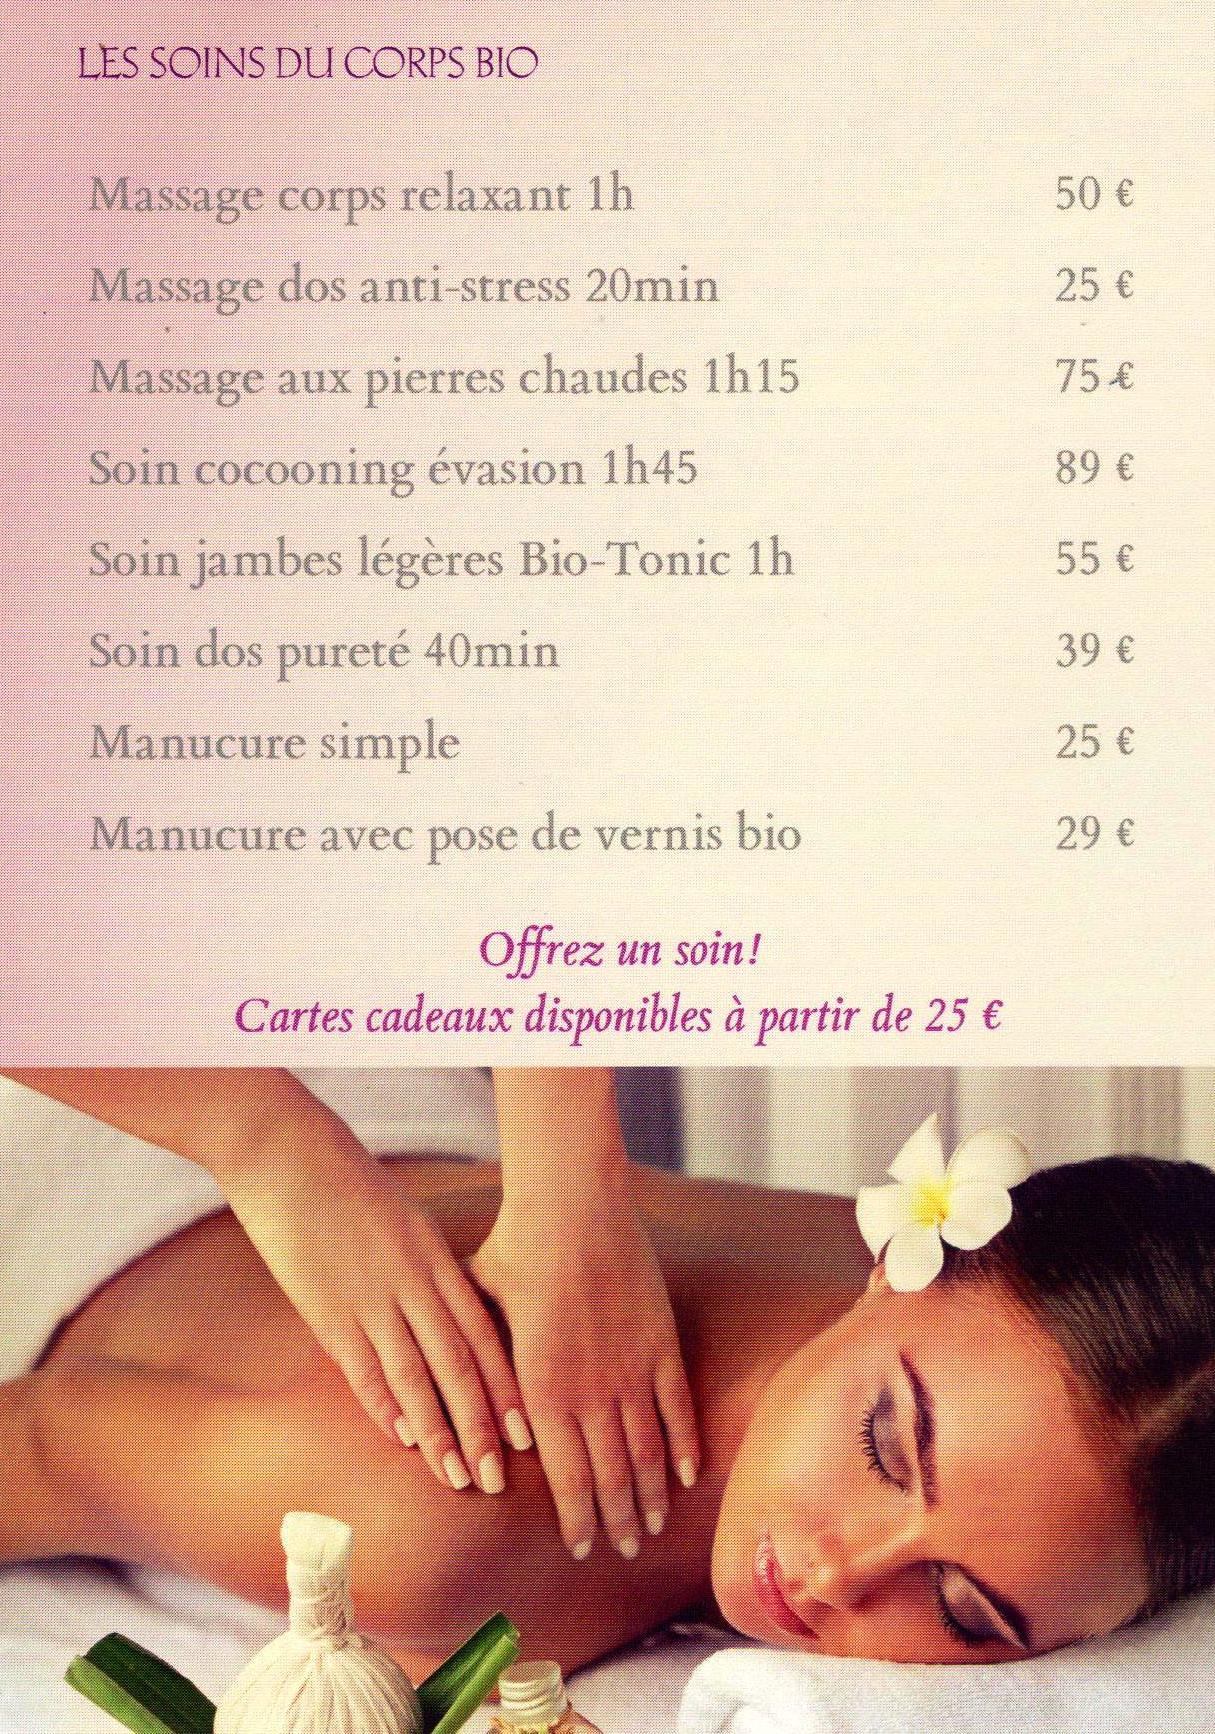 Tarifs massages 001